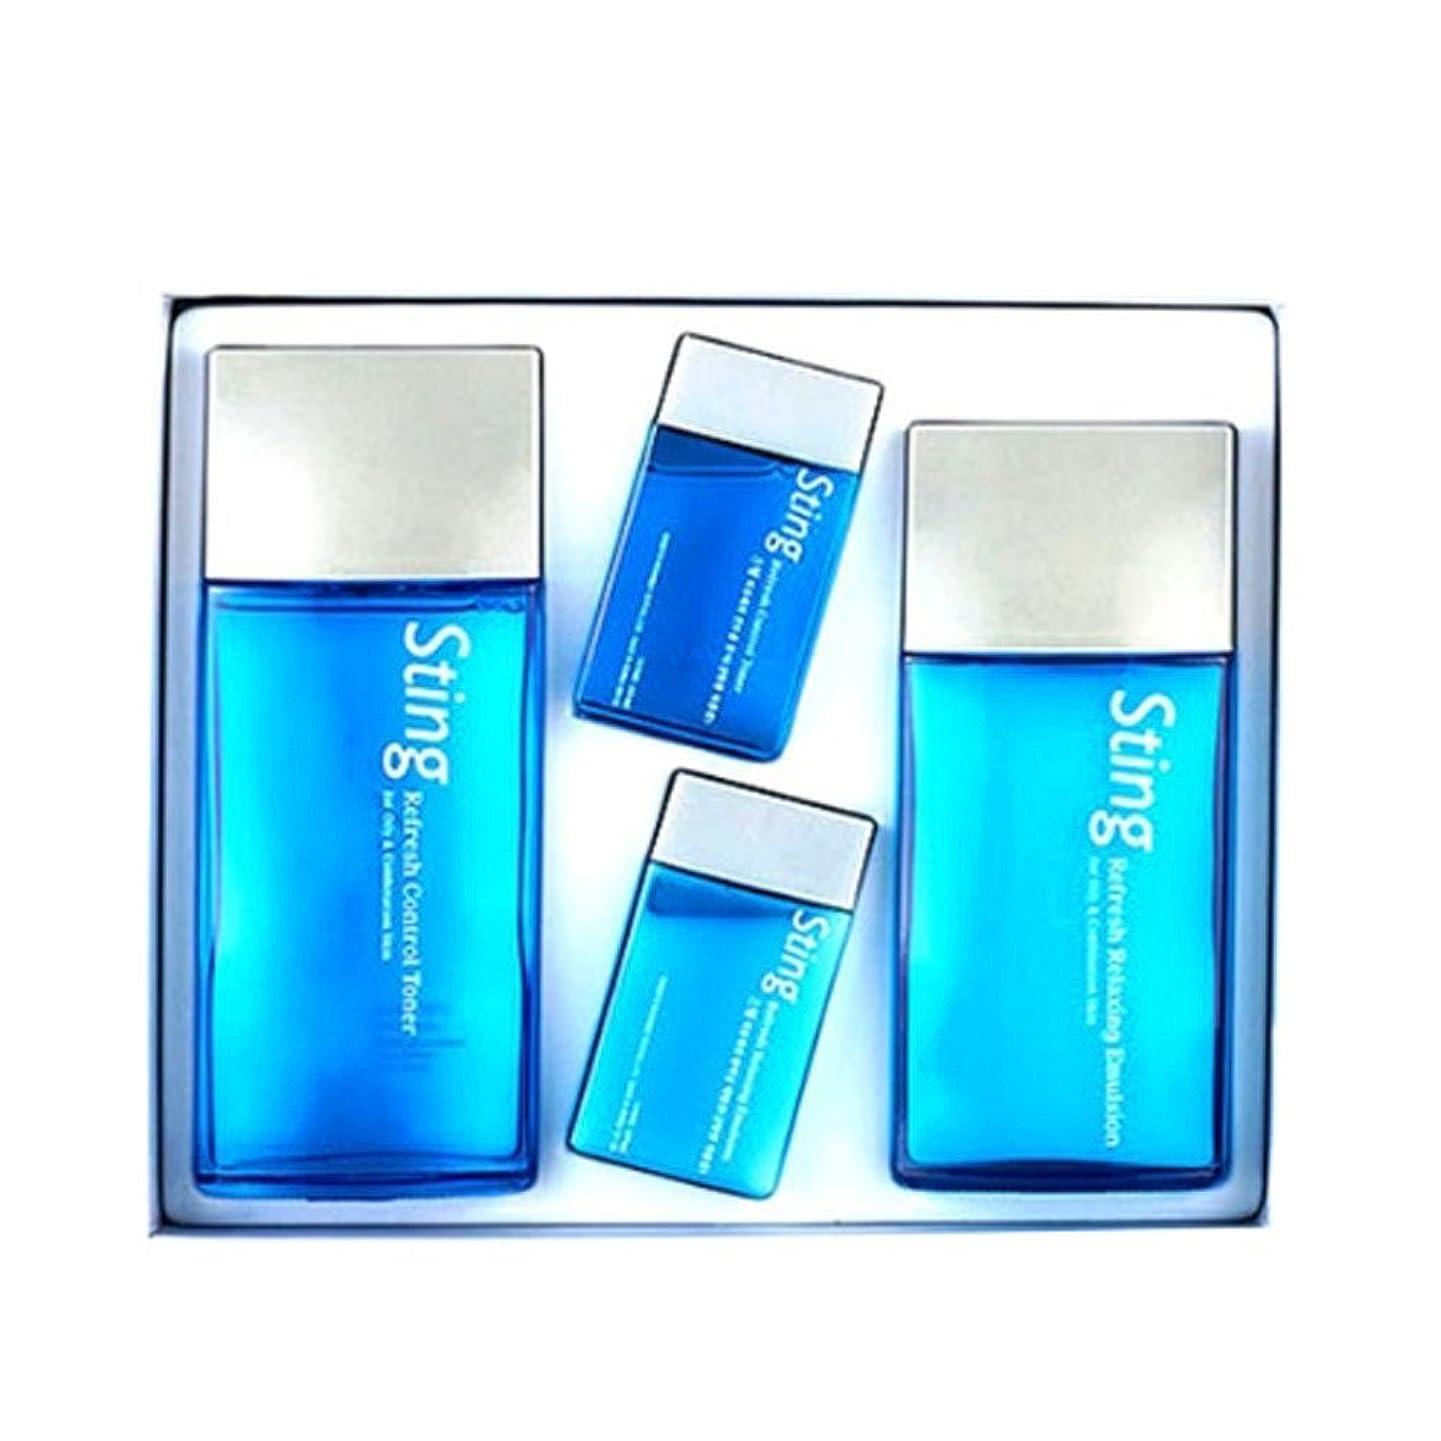 放棄麻酔薬多分エンプラニ、スティングリフレスィトナー(140+40ml) エマルション(120+40ml) メンズコスメ、Enprani Sting Refresh Toner(140+40l) Emulsion(120+40ml) Men's Csmetics [並行輸入品]